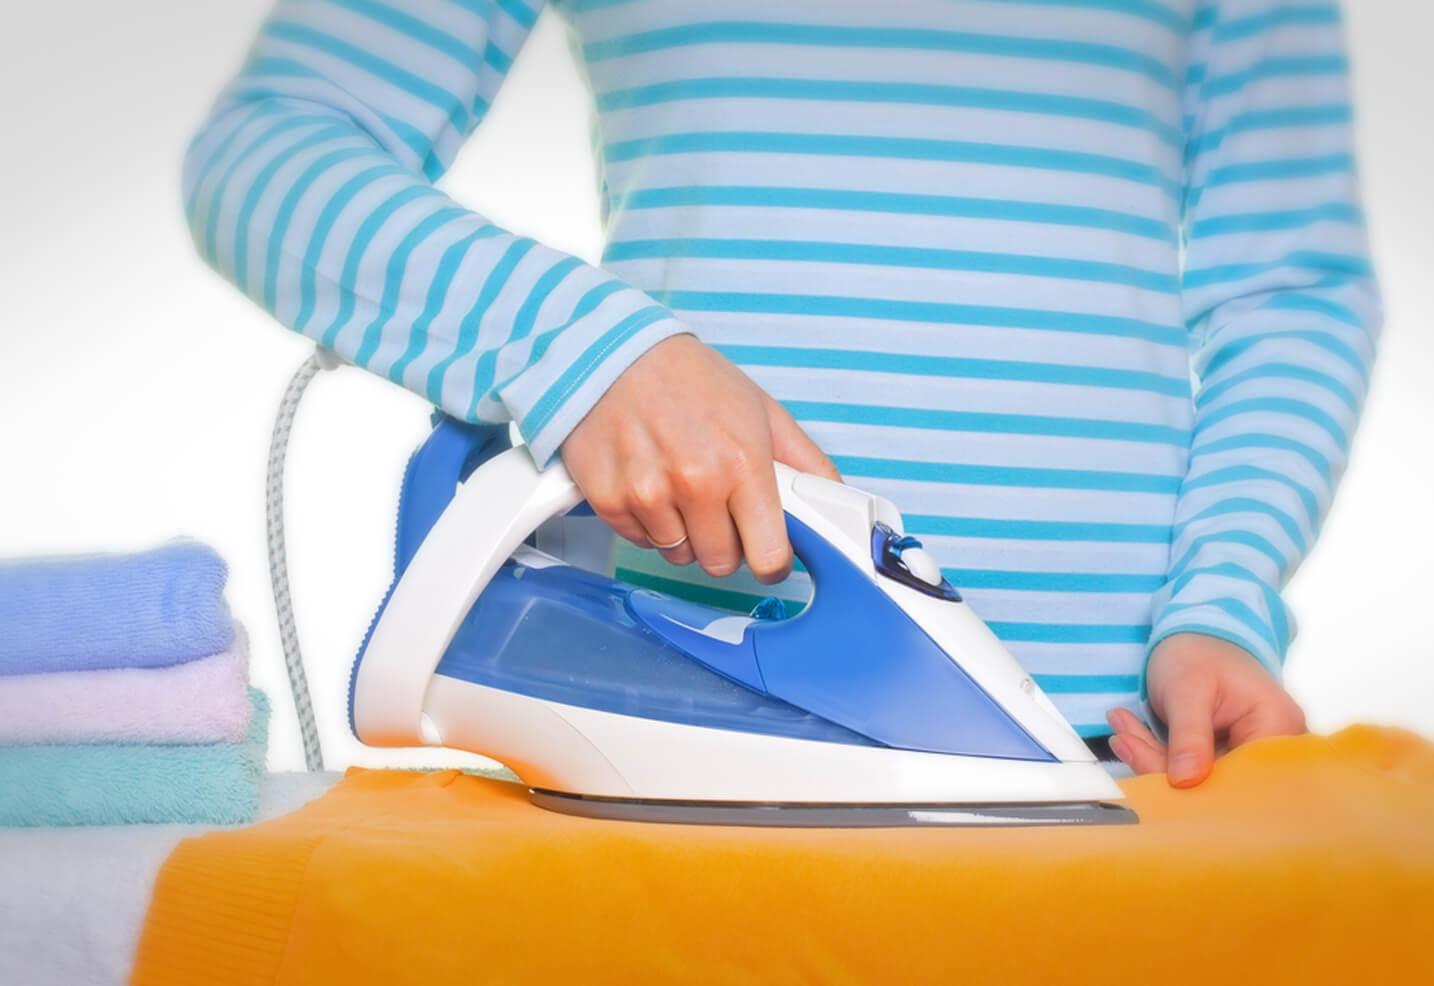 Как очистить утюг от пригоревших остатков ткани?